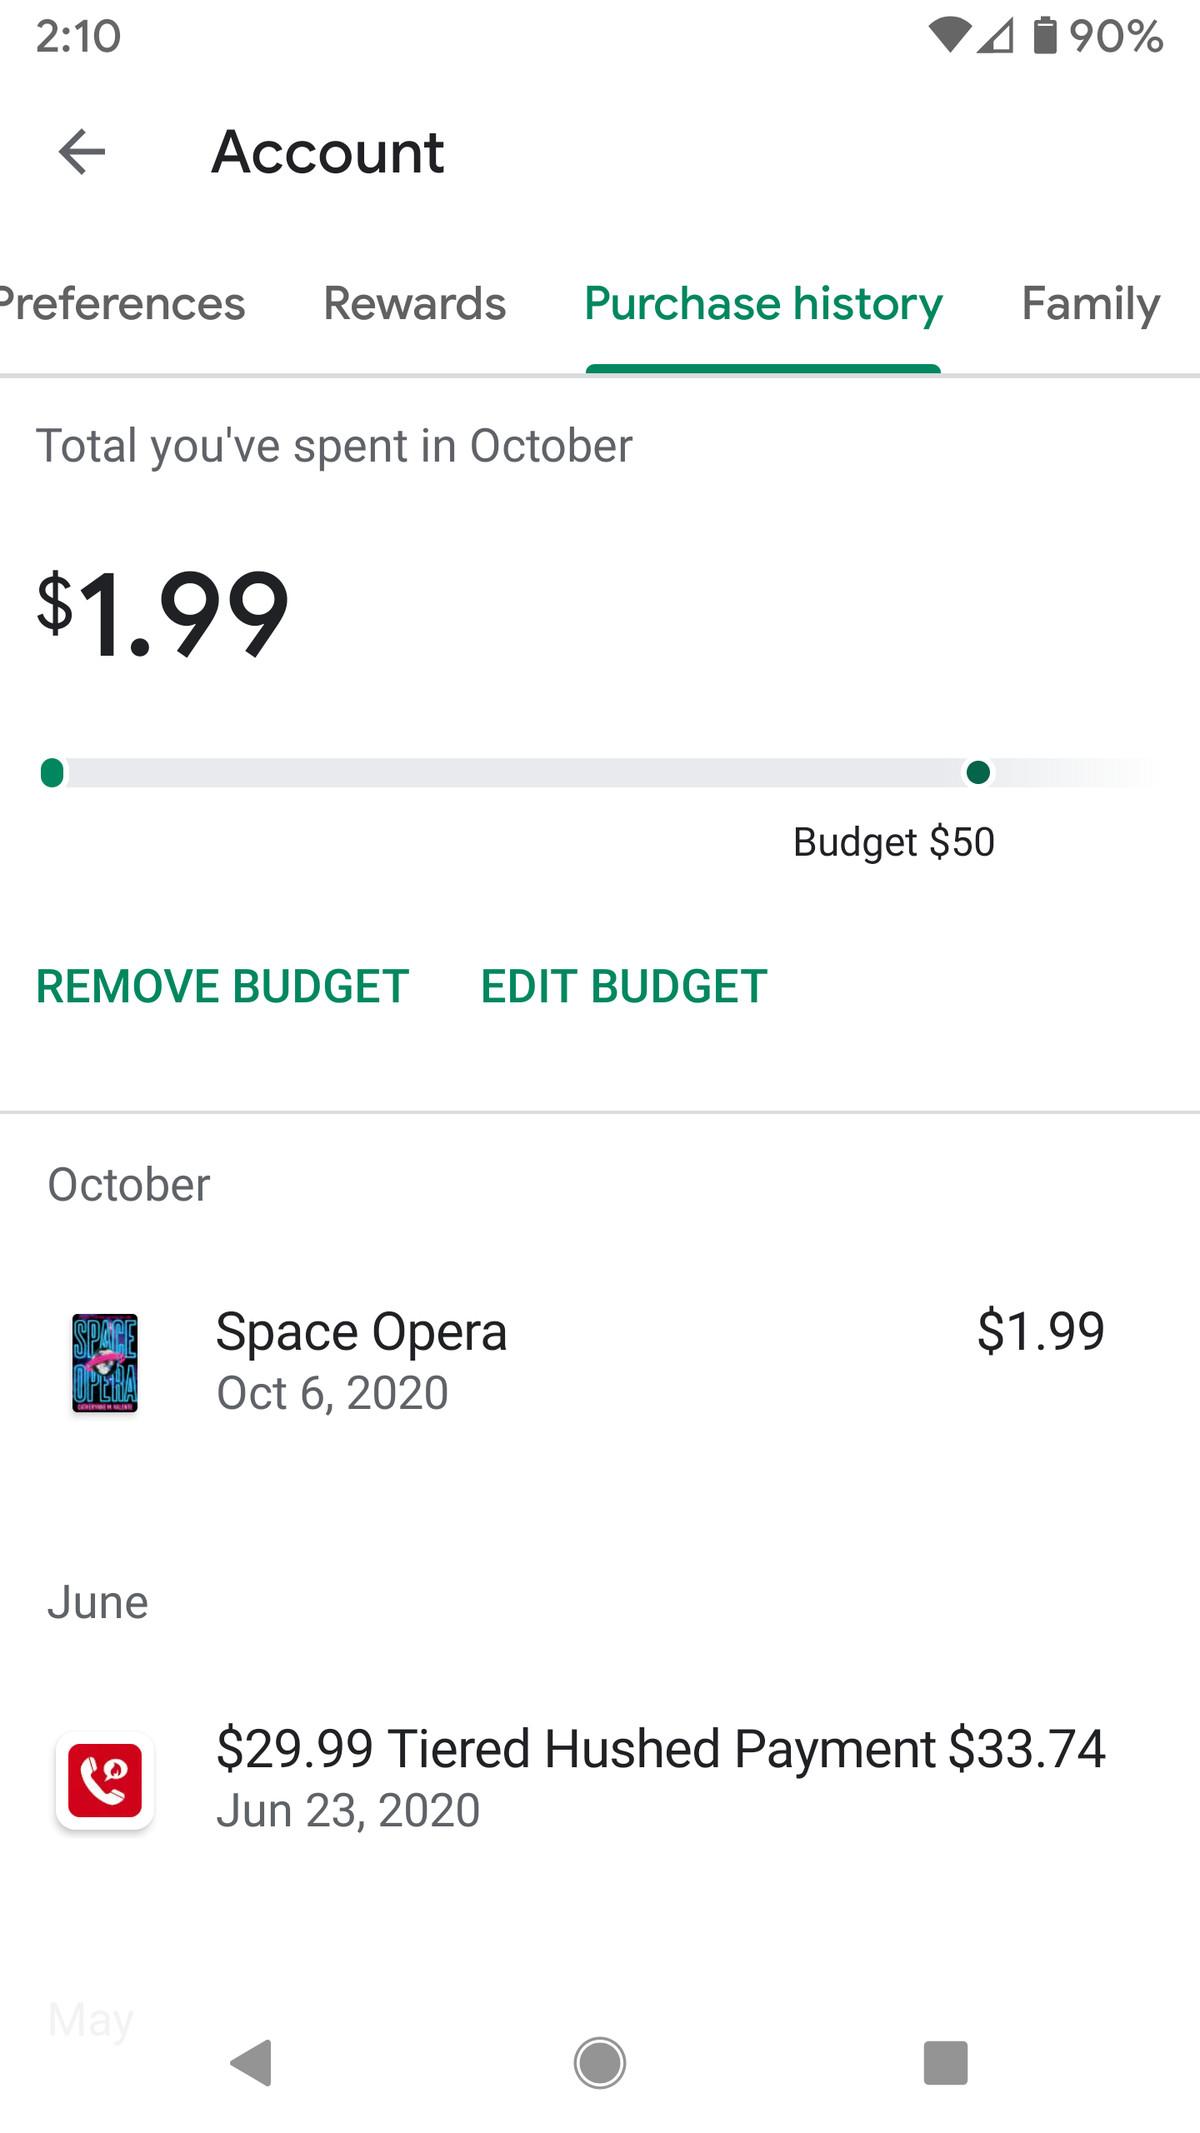 Puteți elimina sau edita oricând bugetul.